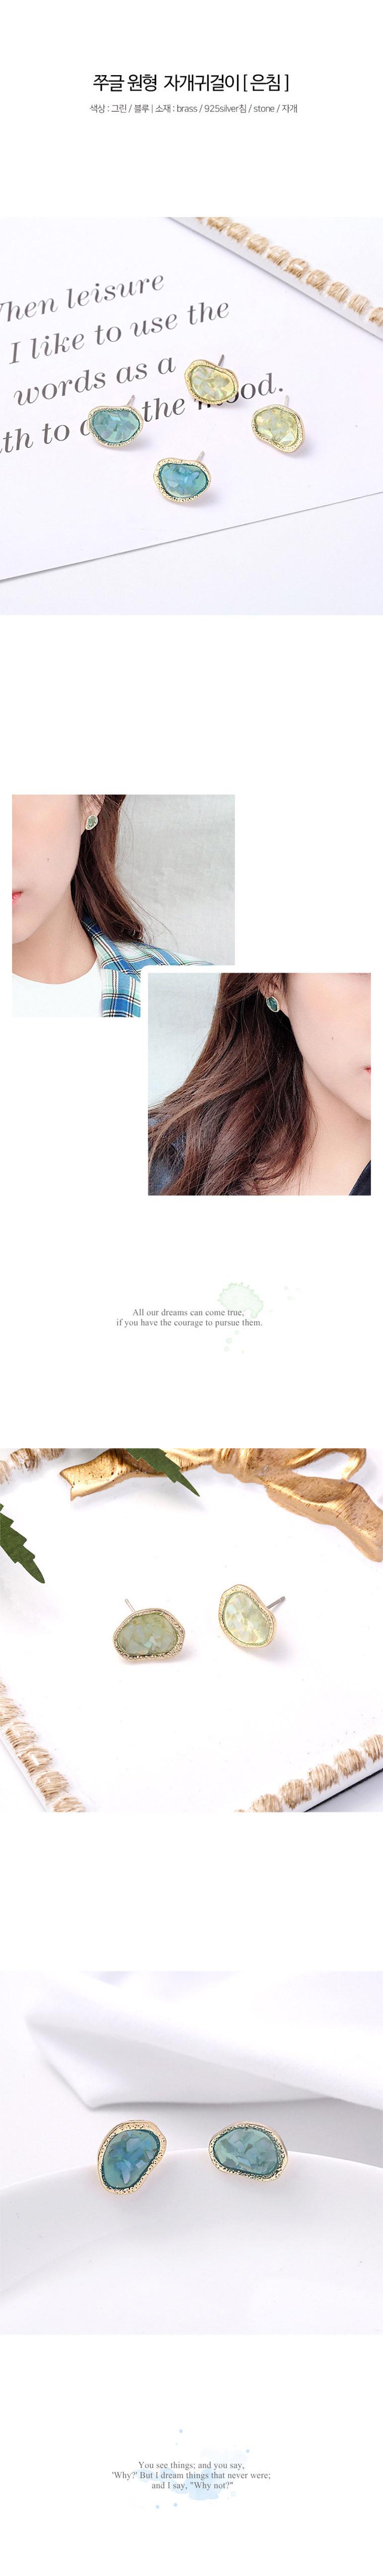 [은침]쭈글 원형 자개귀걸이_IH - 마리엔코코, 9,900원, 실버, 볼귀걸이